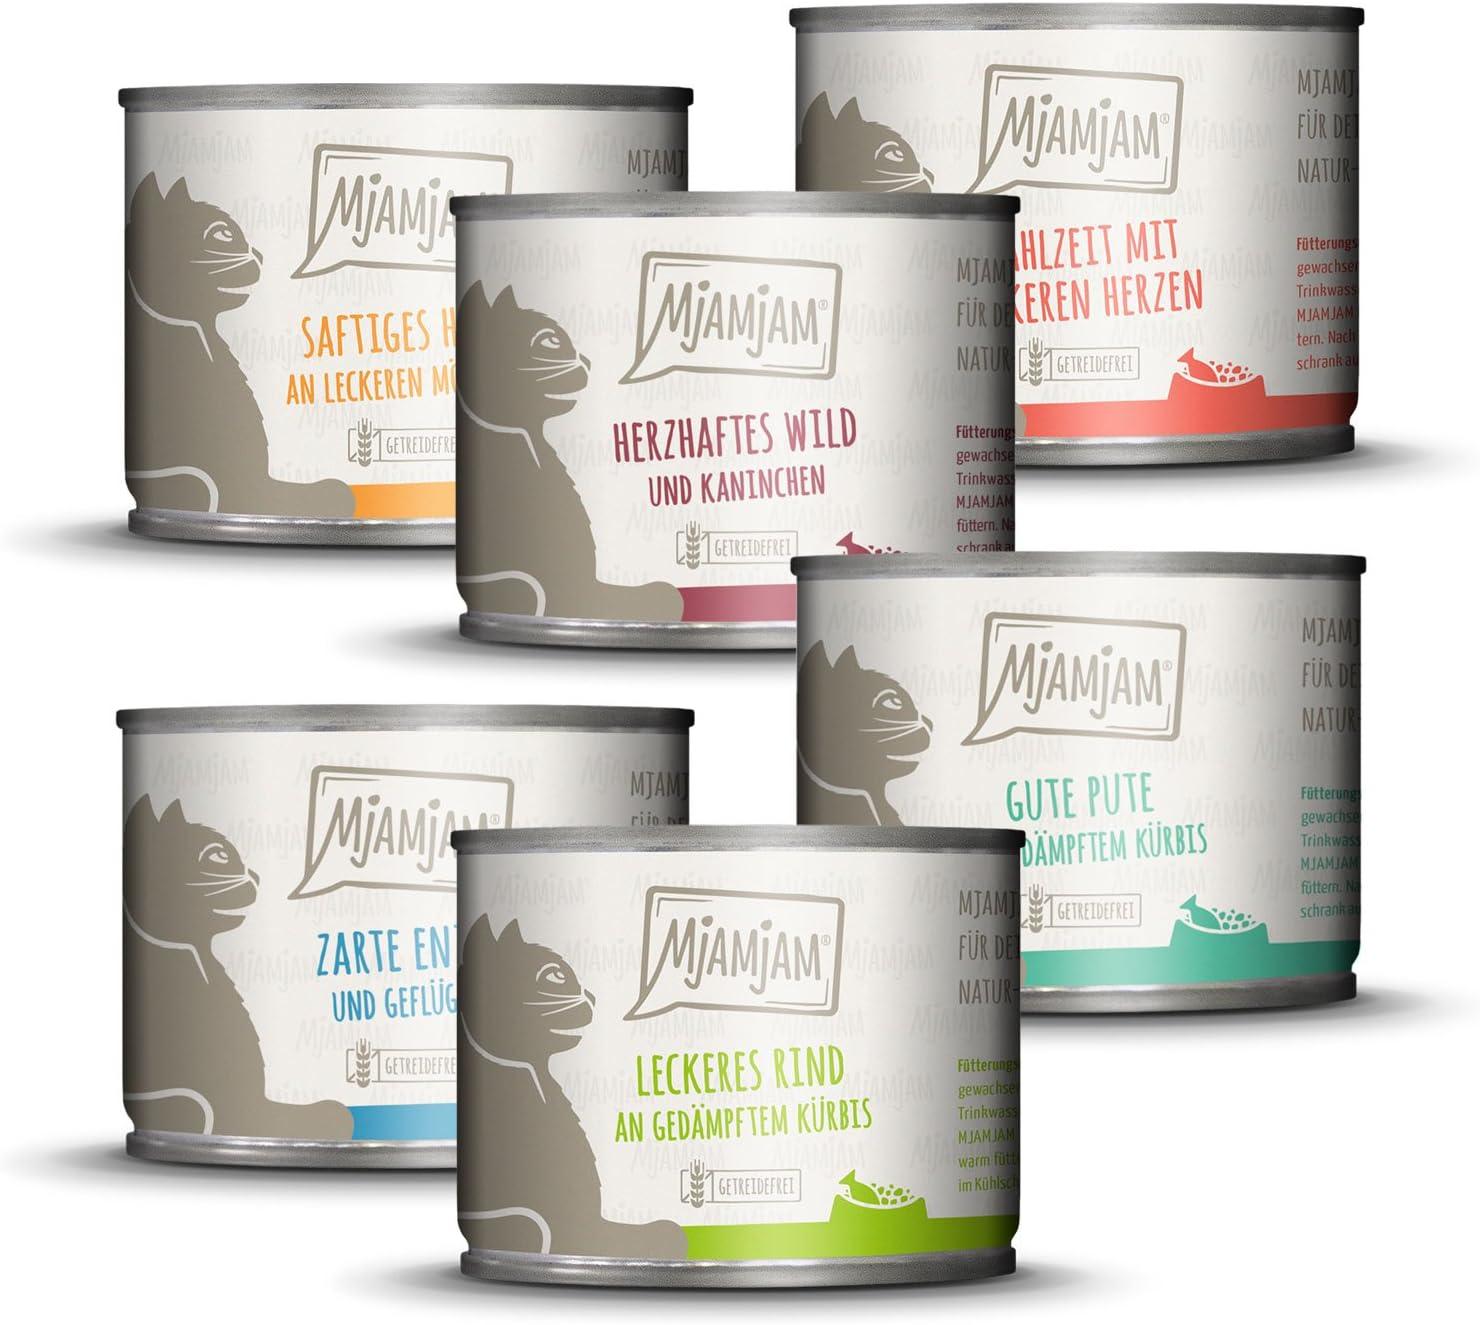 1,2kg de comida para gatos MjAMjAM en 6 latas variadas por sólo 8,31€ ¡¡17% de descuento!!